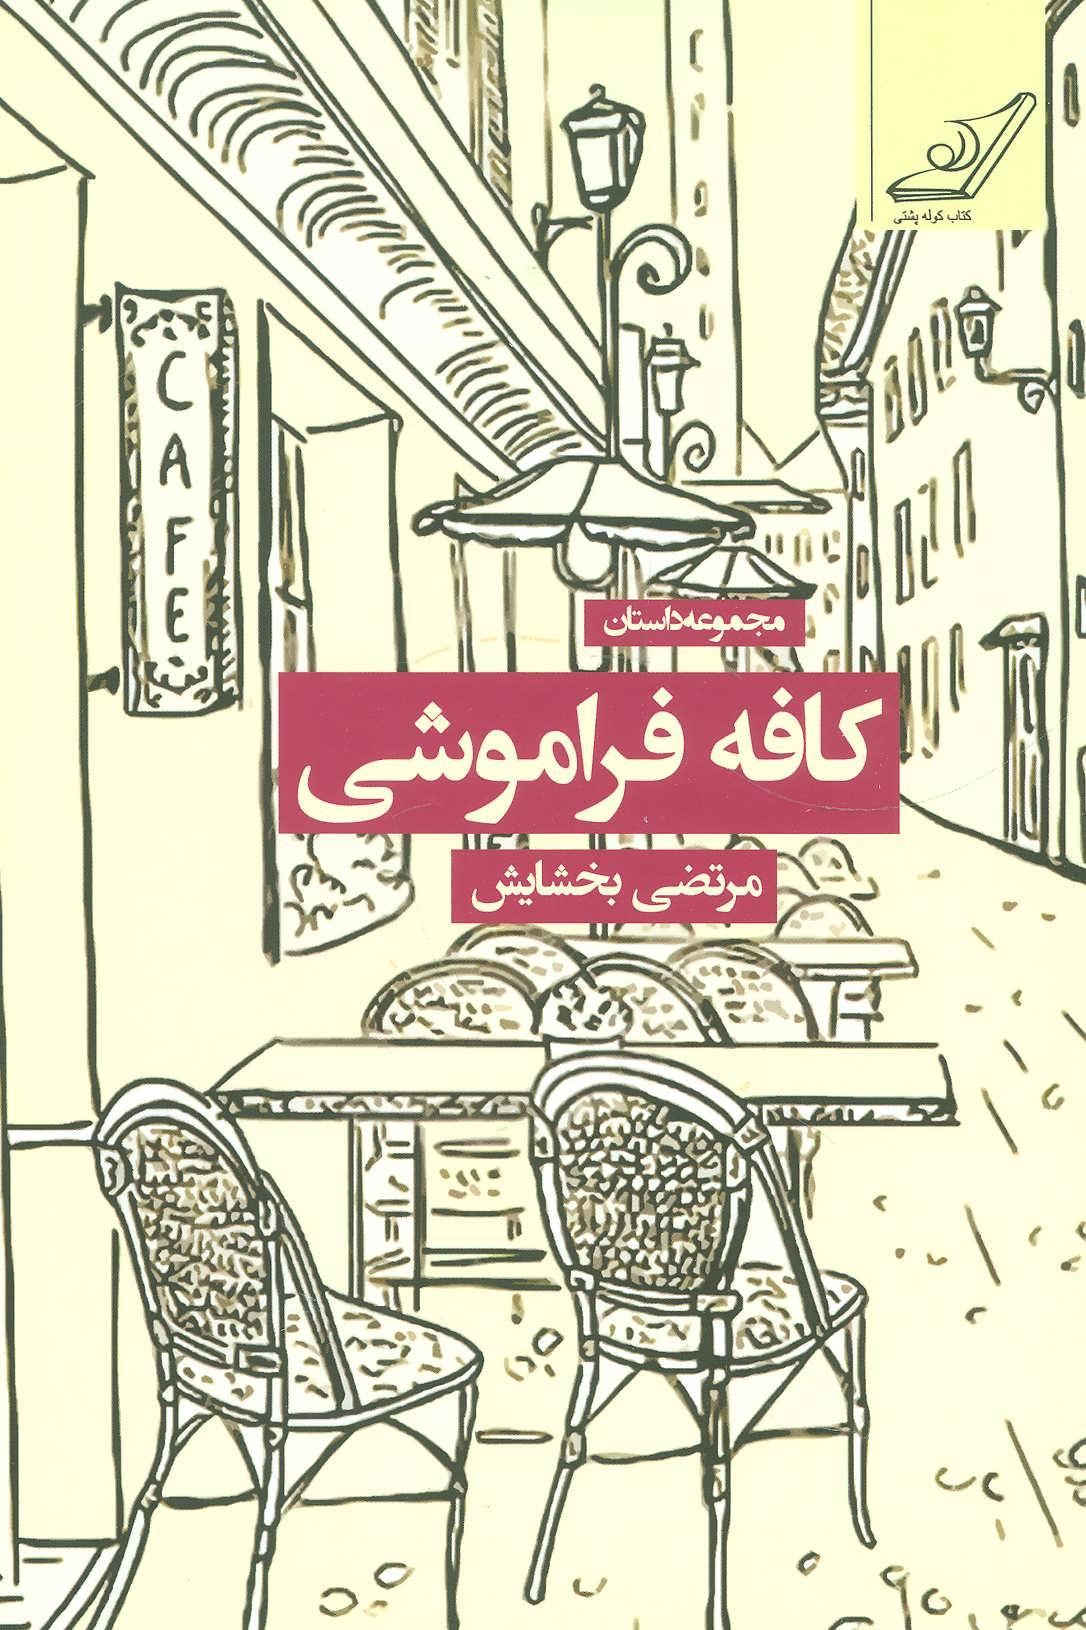 کافه فراموشی (مجموعه داستان)